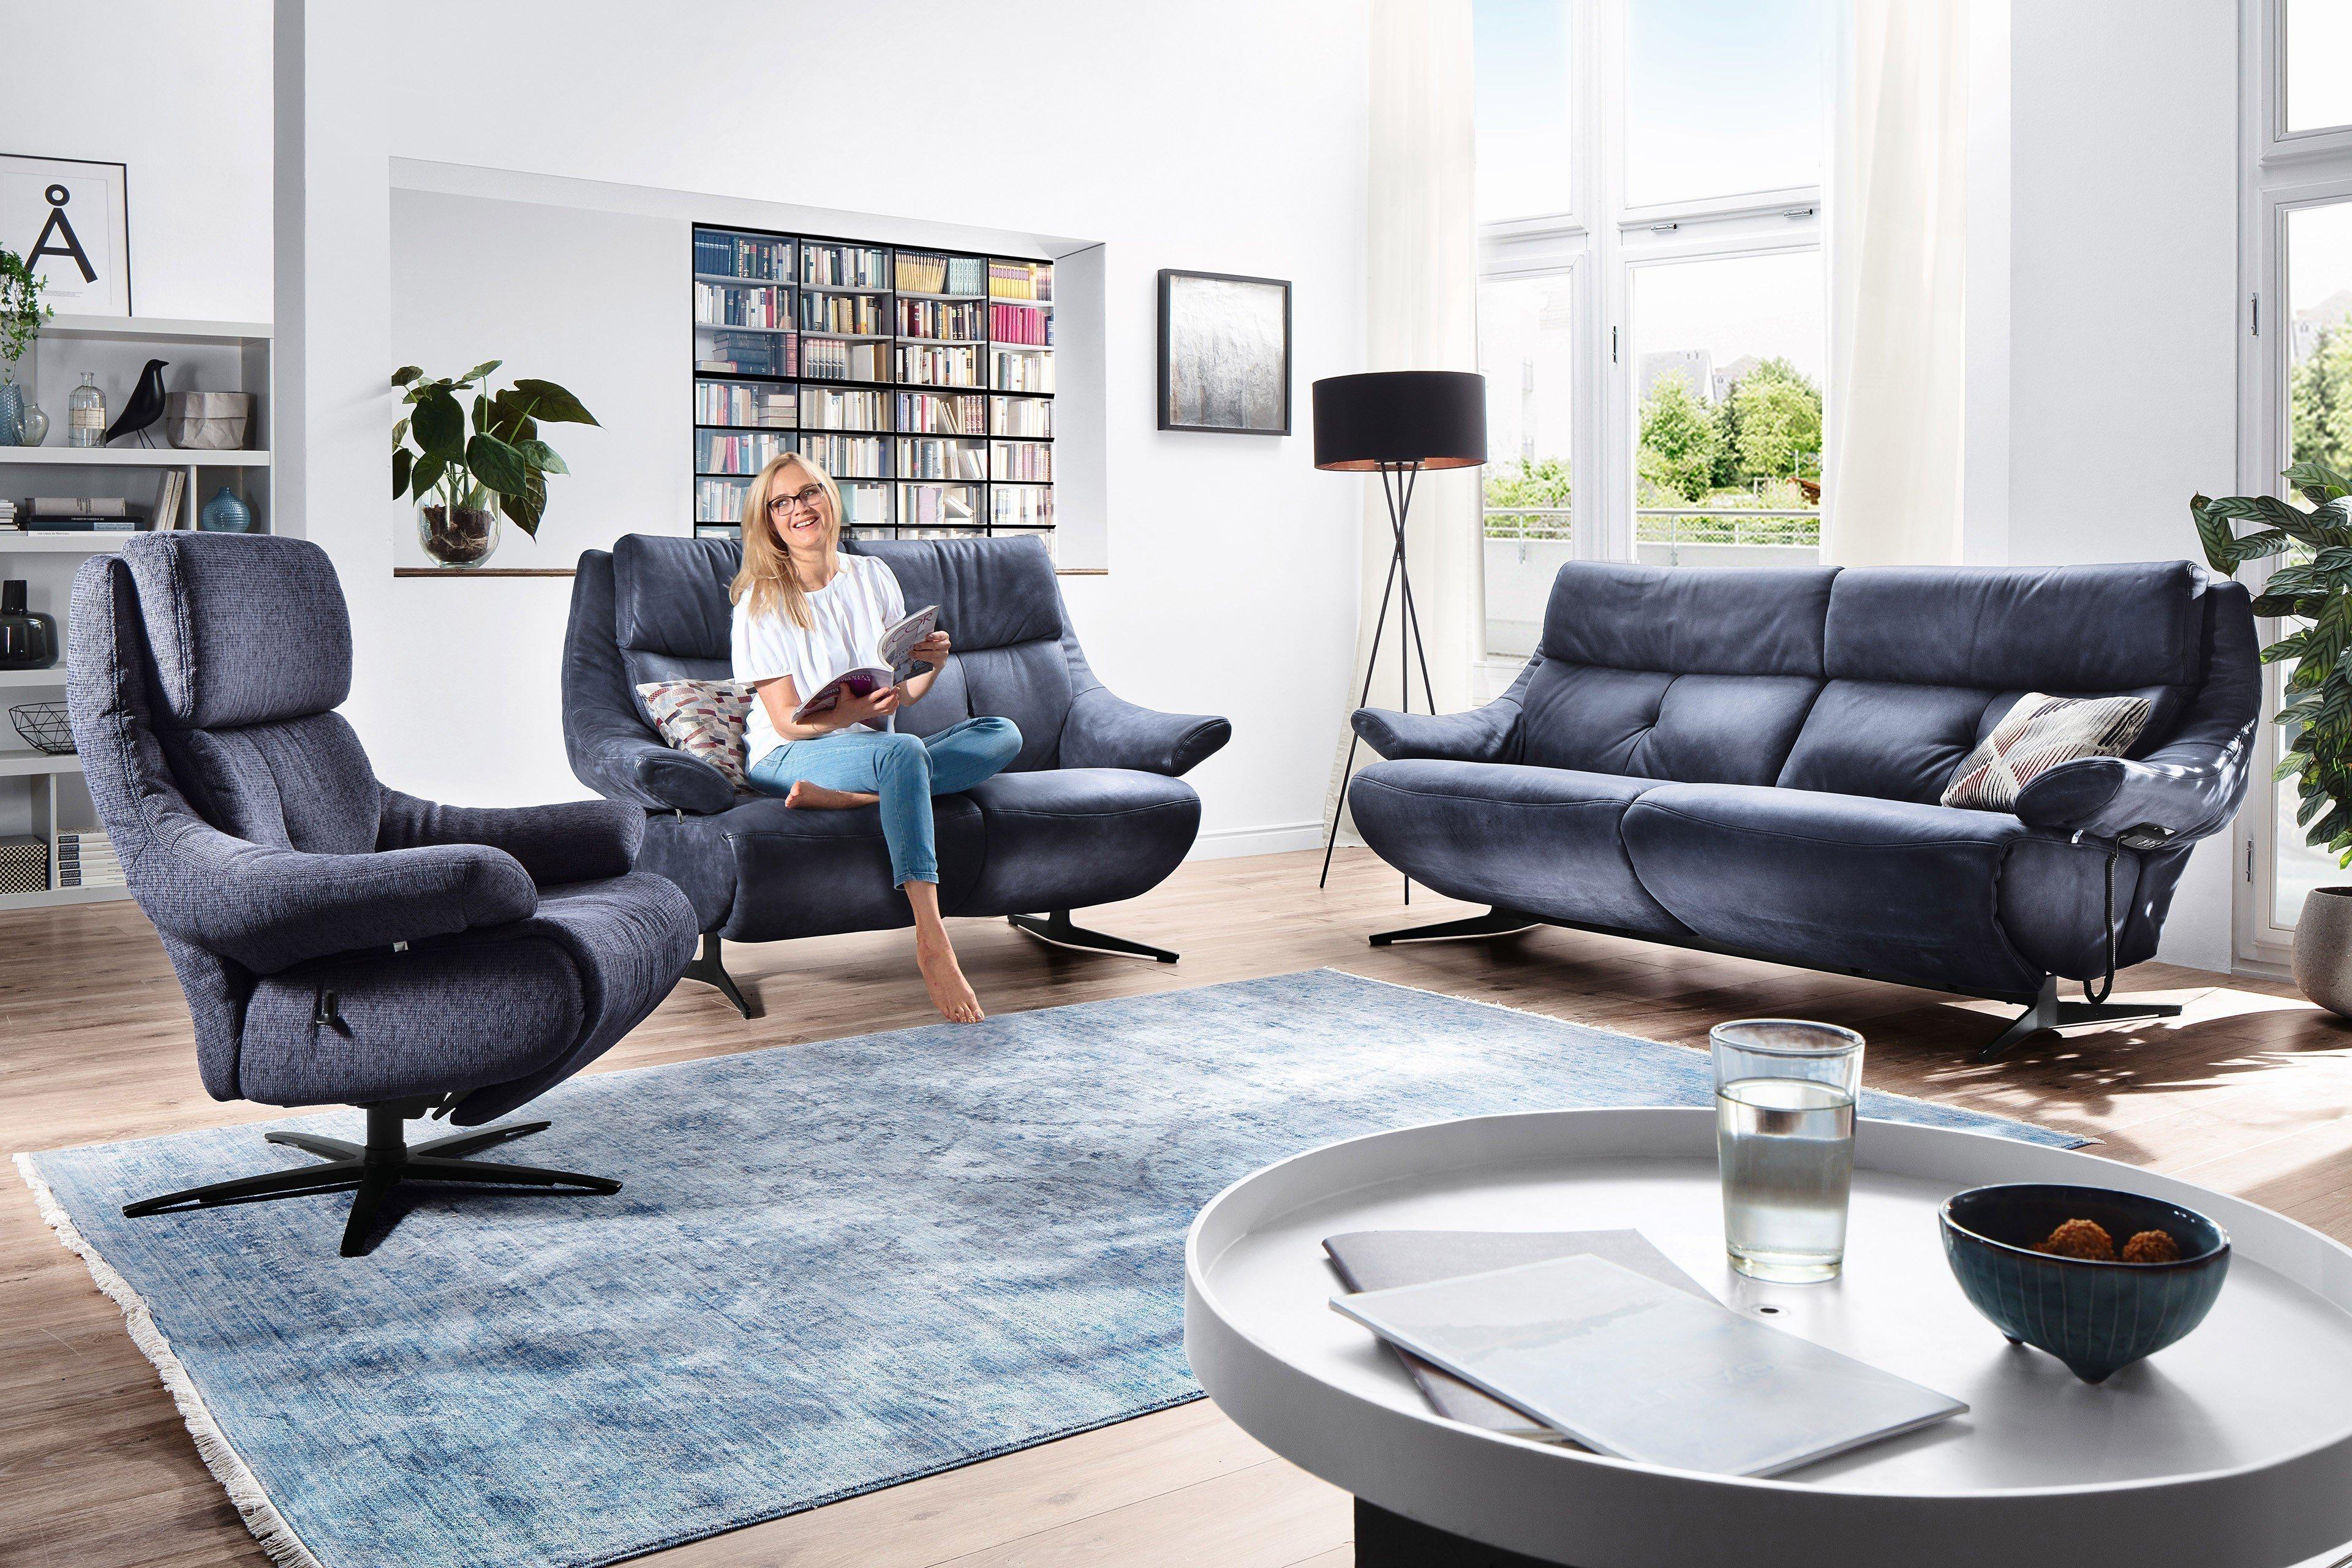 himolla polsterm bel 4702 ledergarnitur in blau m bel. Black Bedroom Furniture Sets. Home Design Ideas